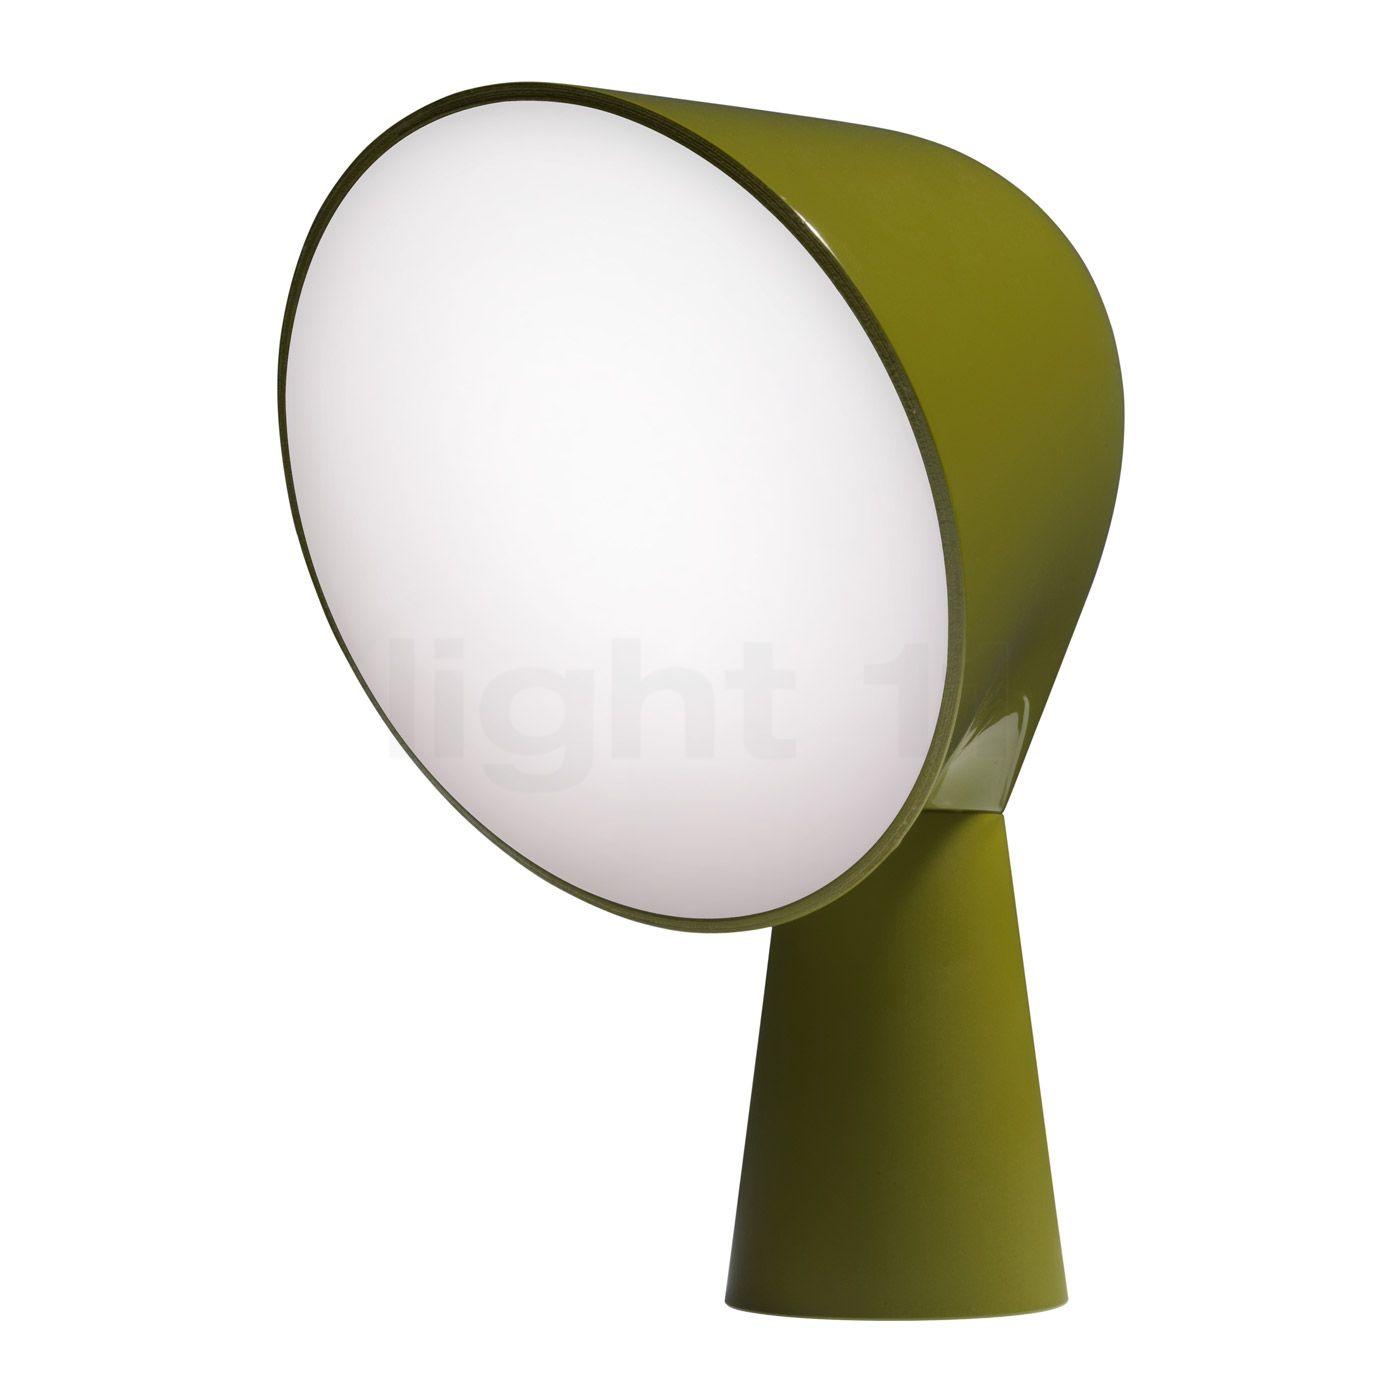 Foscarini binic tavolo table lamp buy at - Lamp binic ...